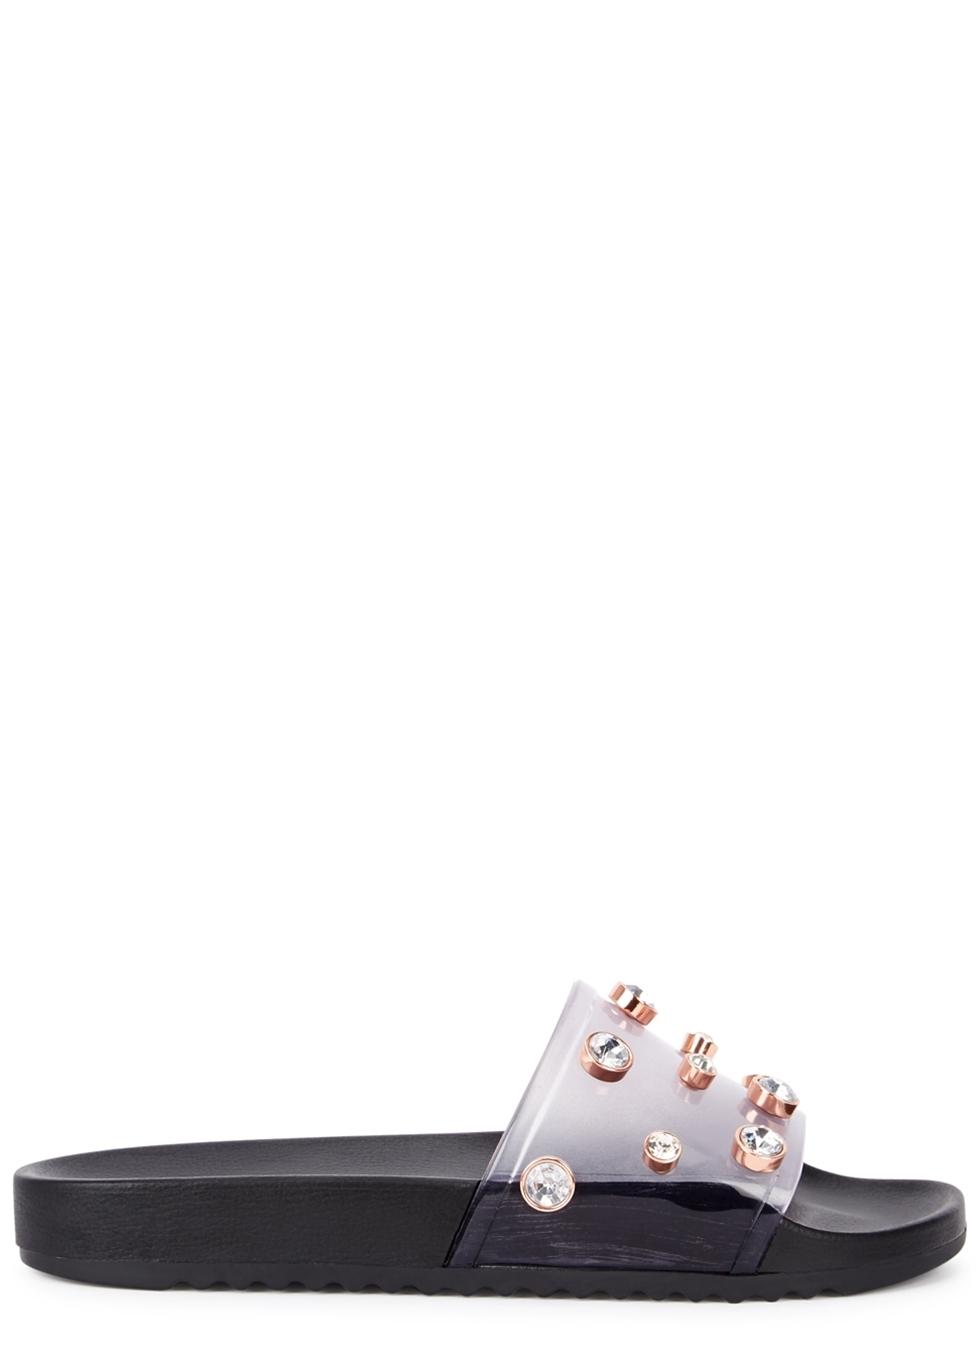 e44806273975 Sophia Webster Shoes